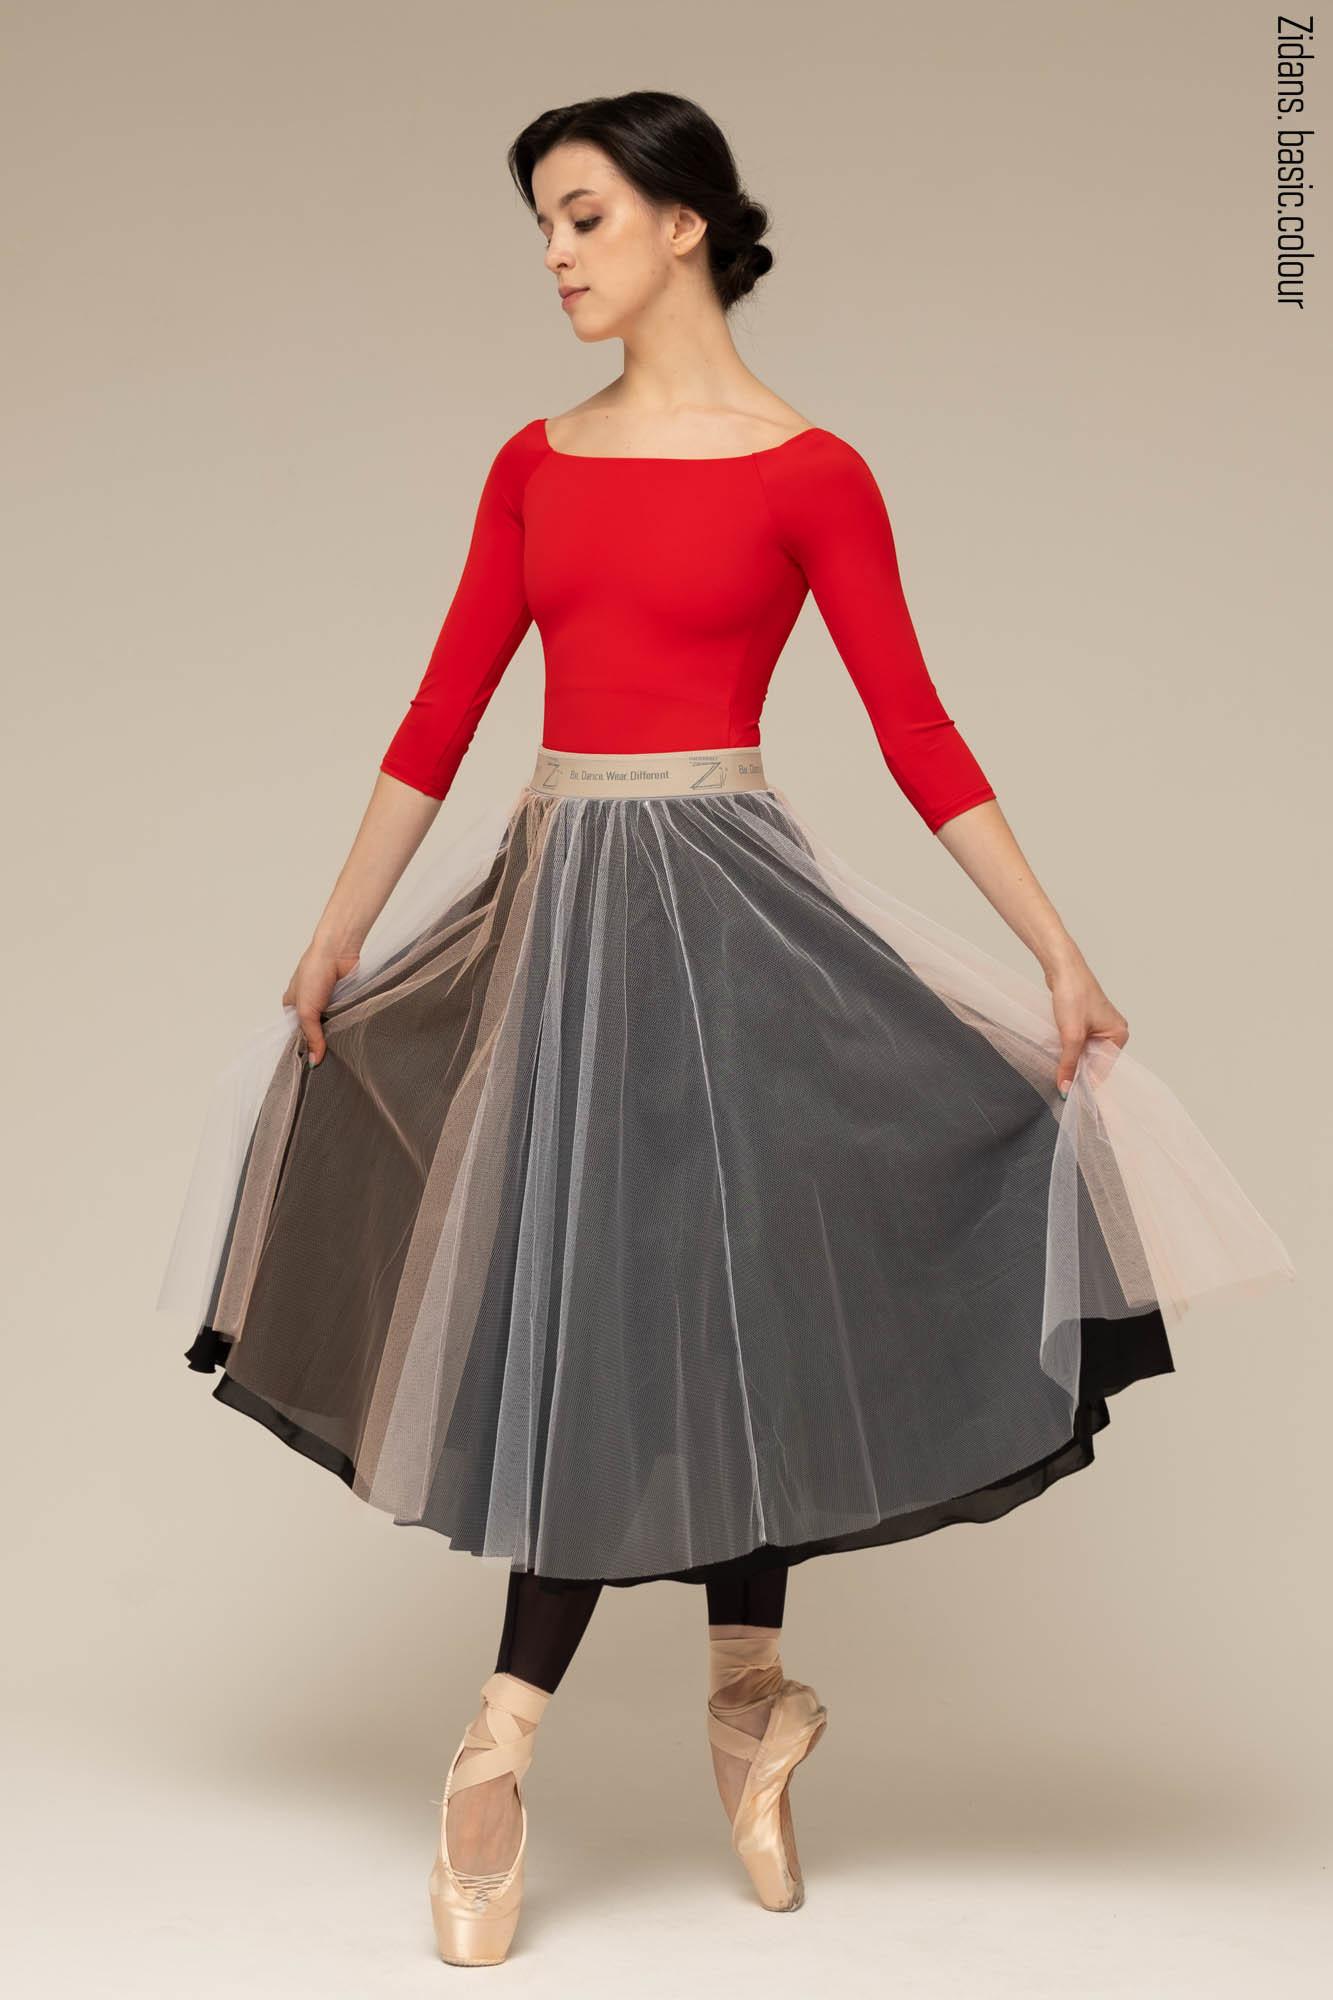 Basic rehearsal tulle skirt   black